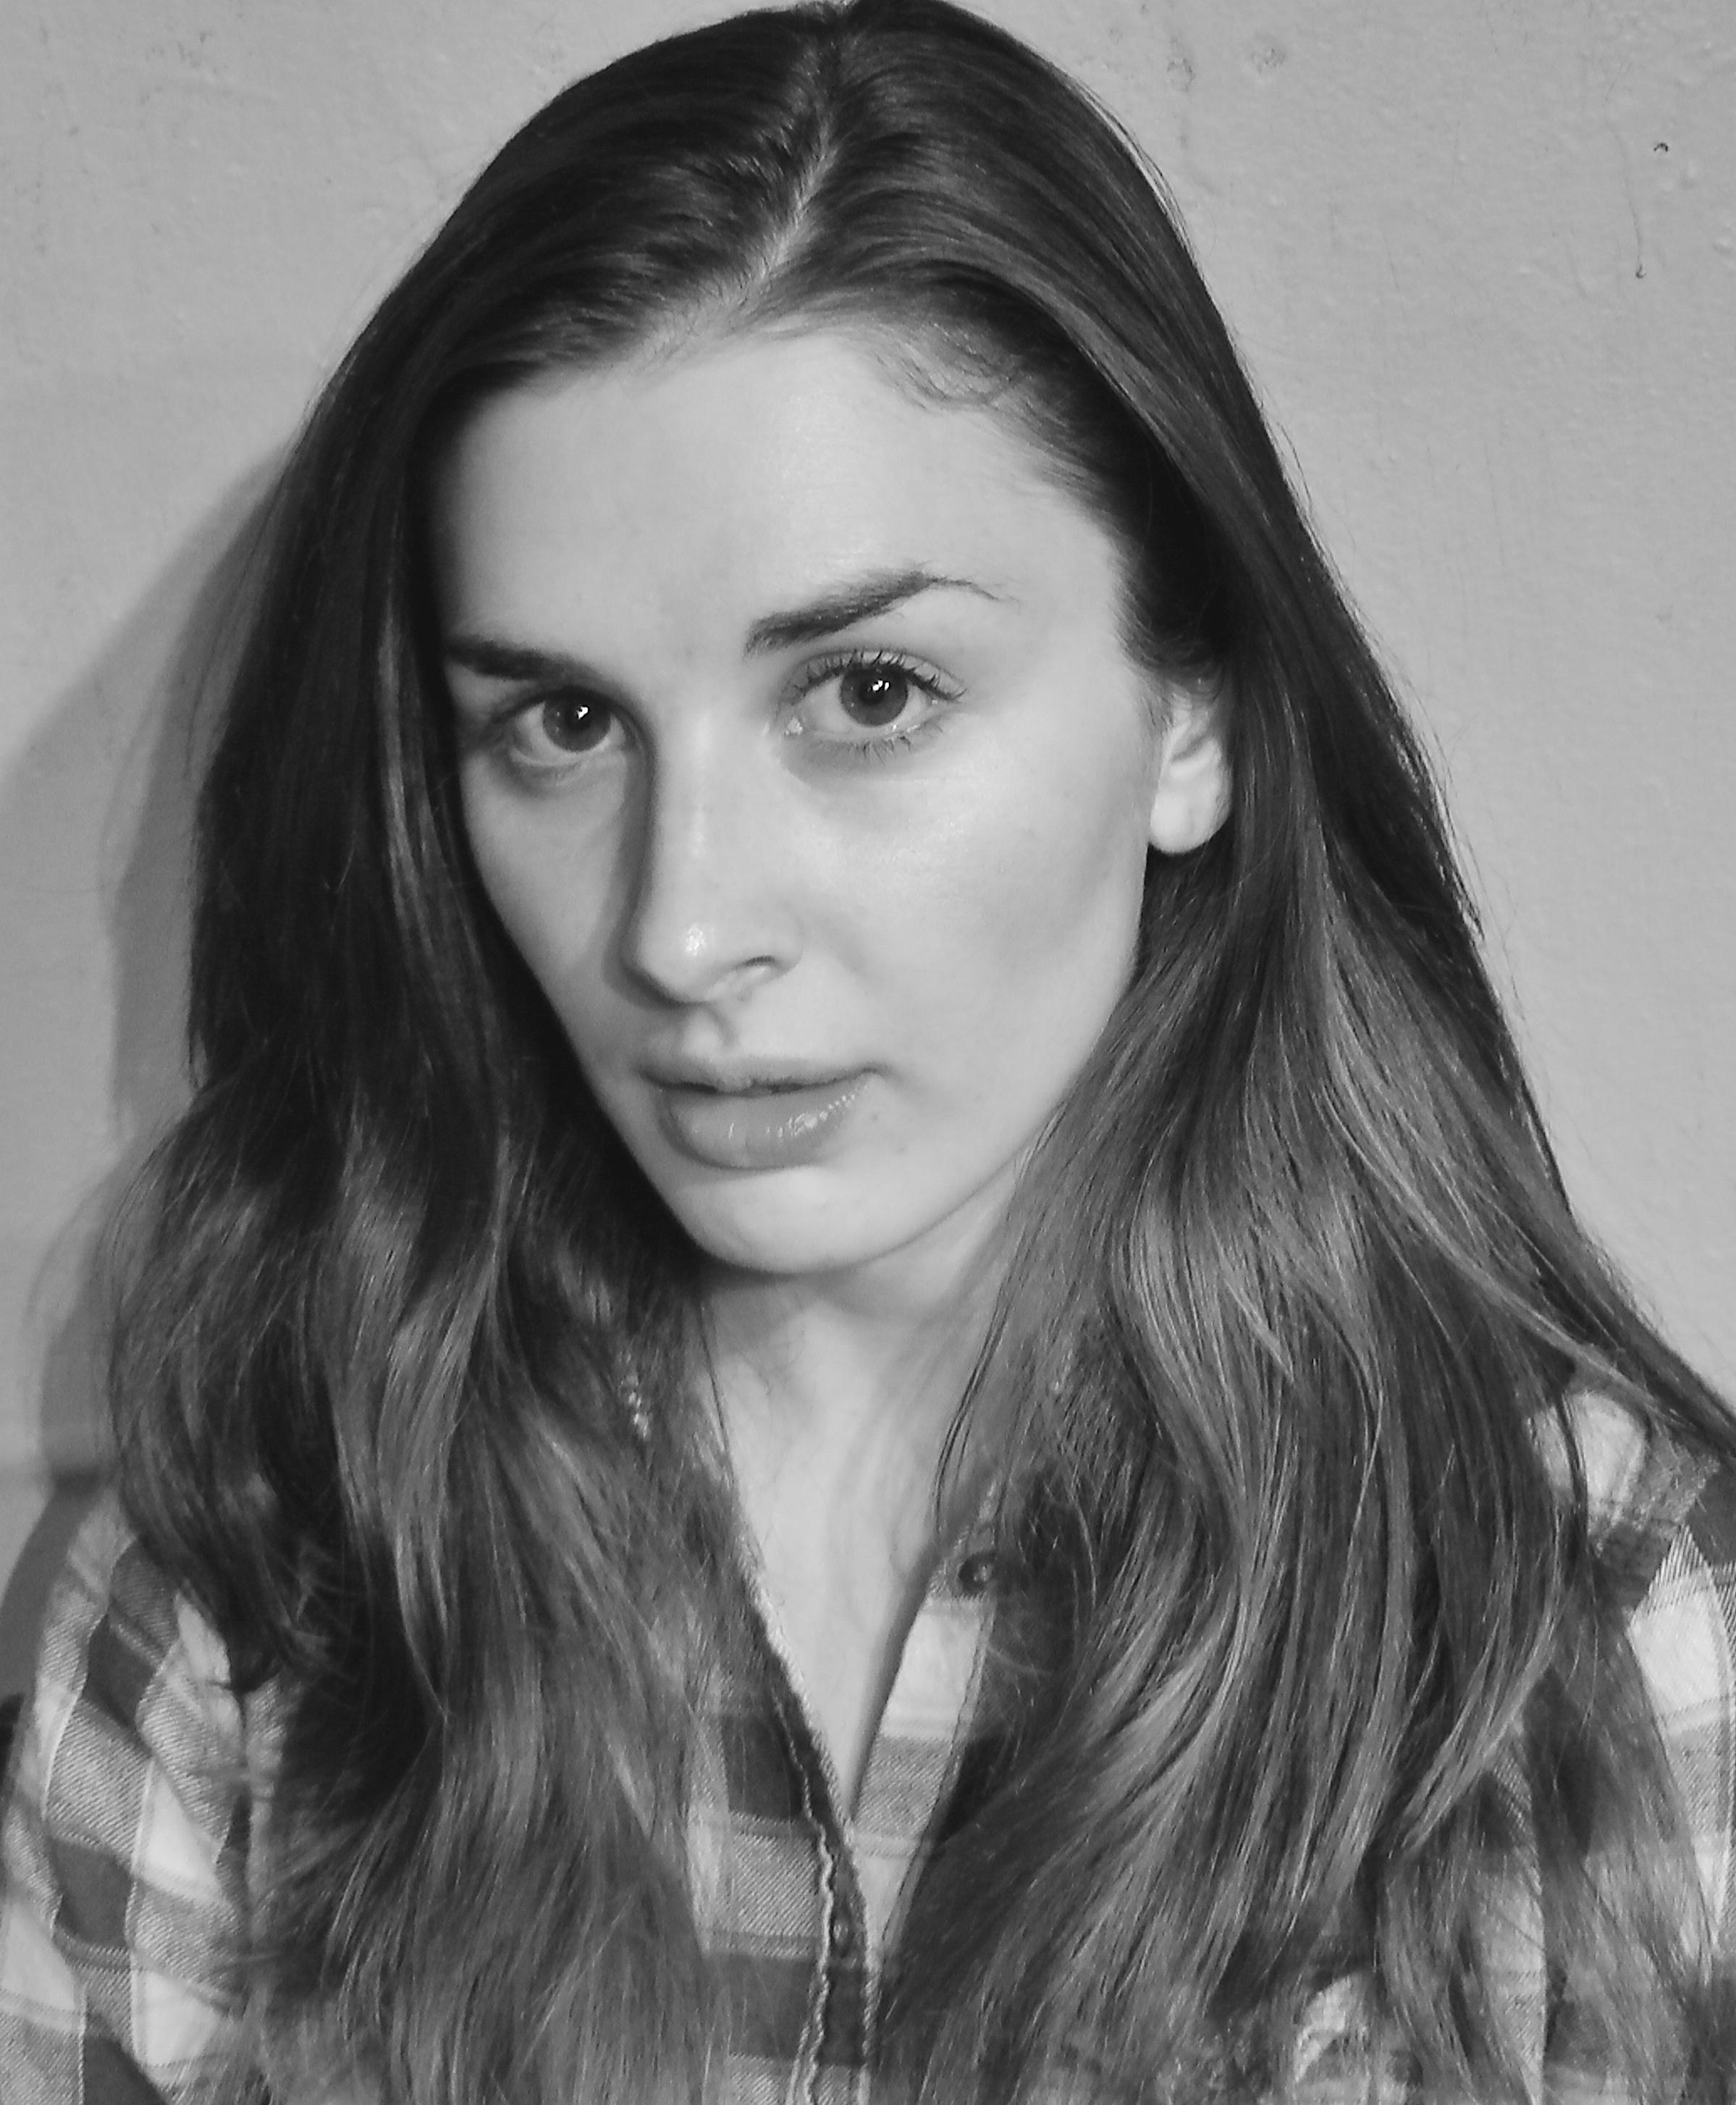 Rachel Tondreault, as SYLVIA